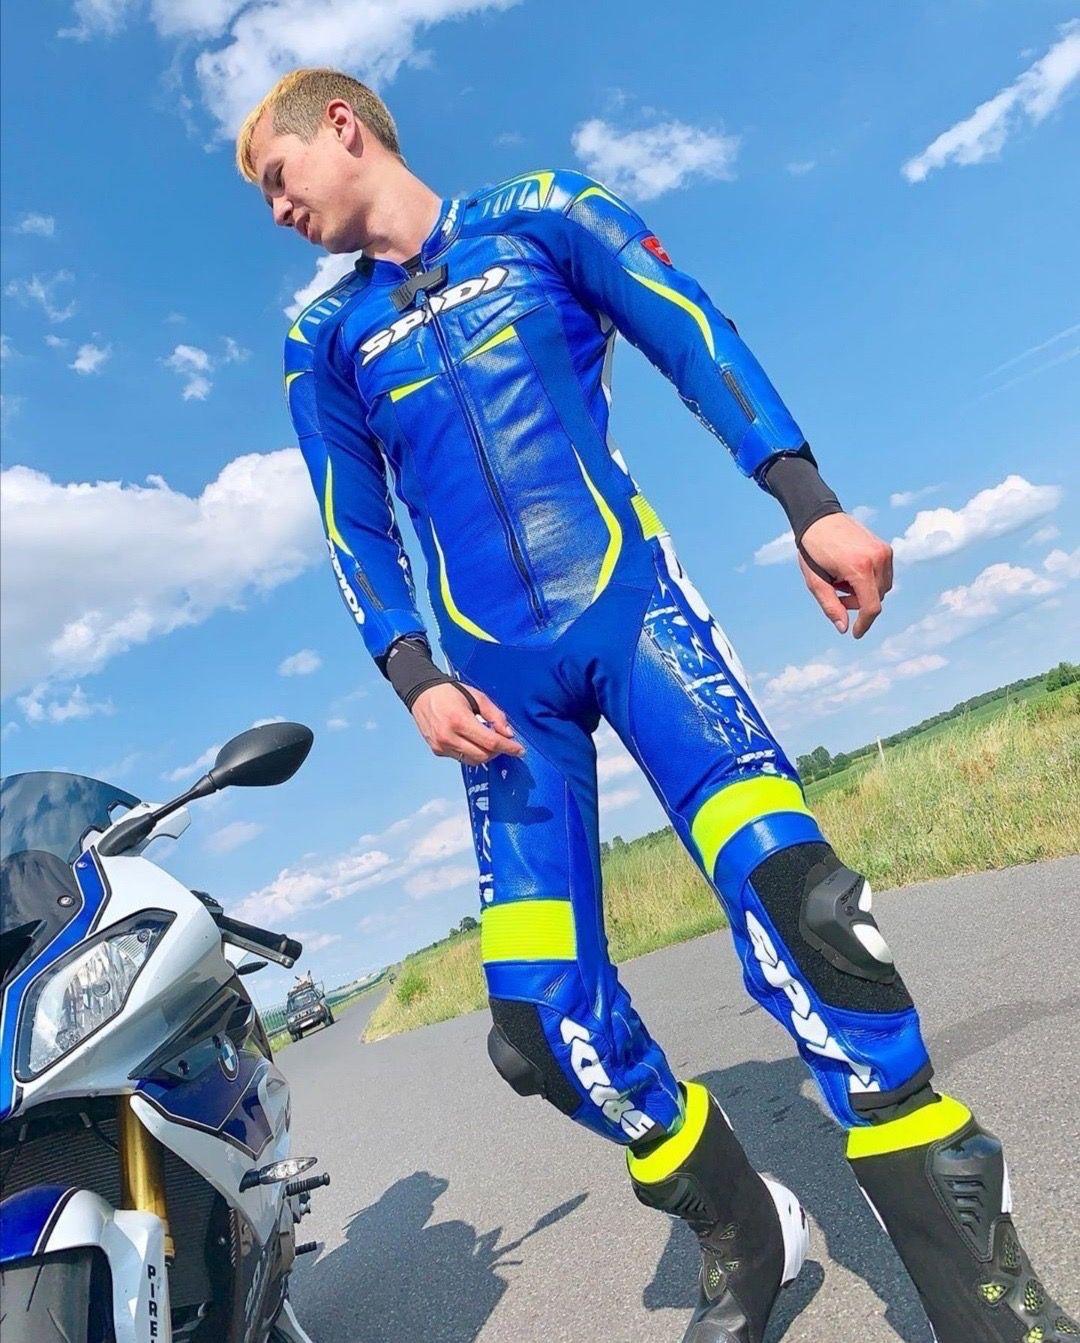 Pin von Buckrogers auf Biker leather | Motorrad männer